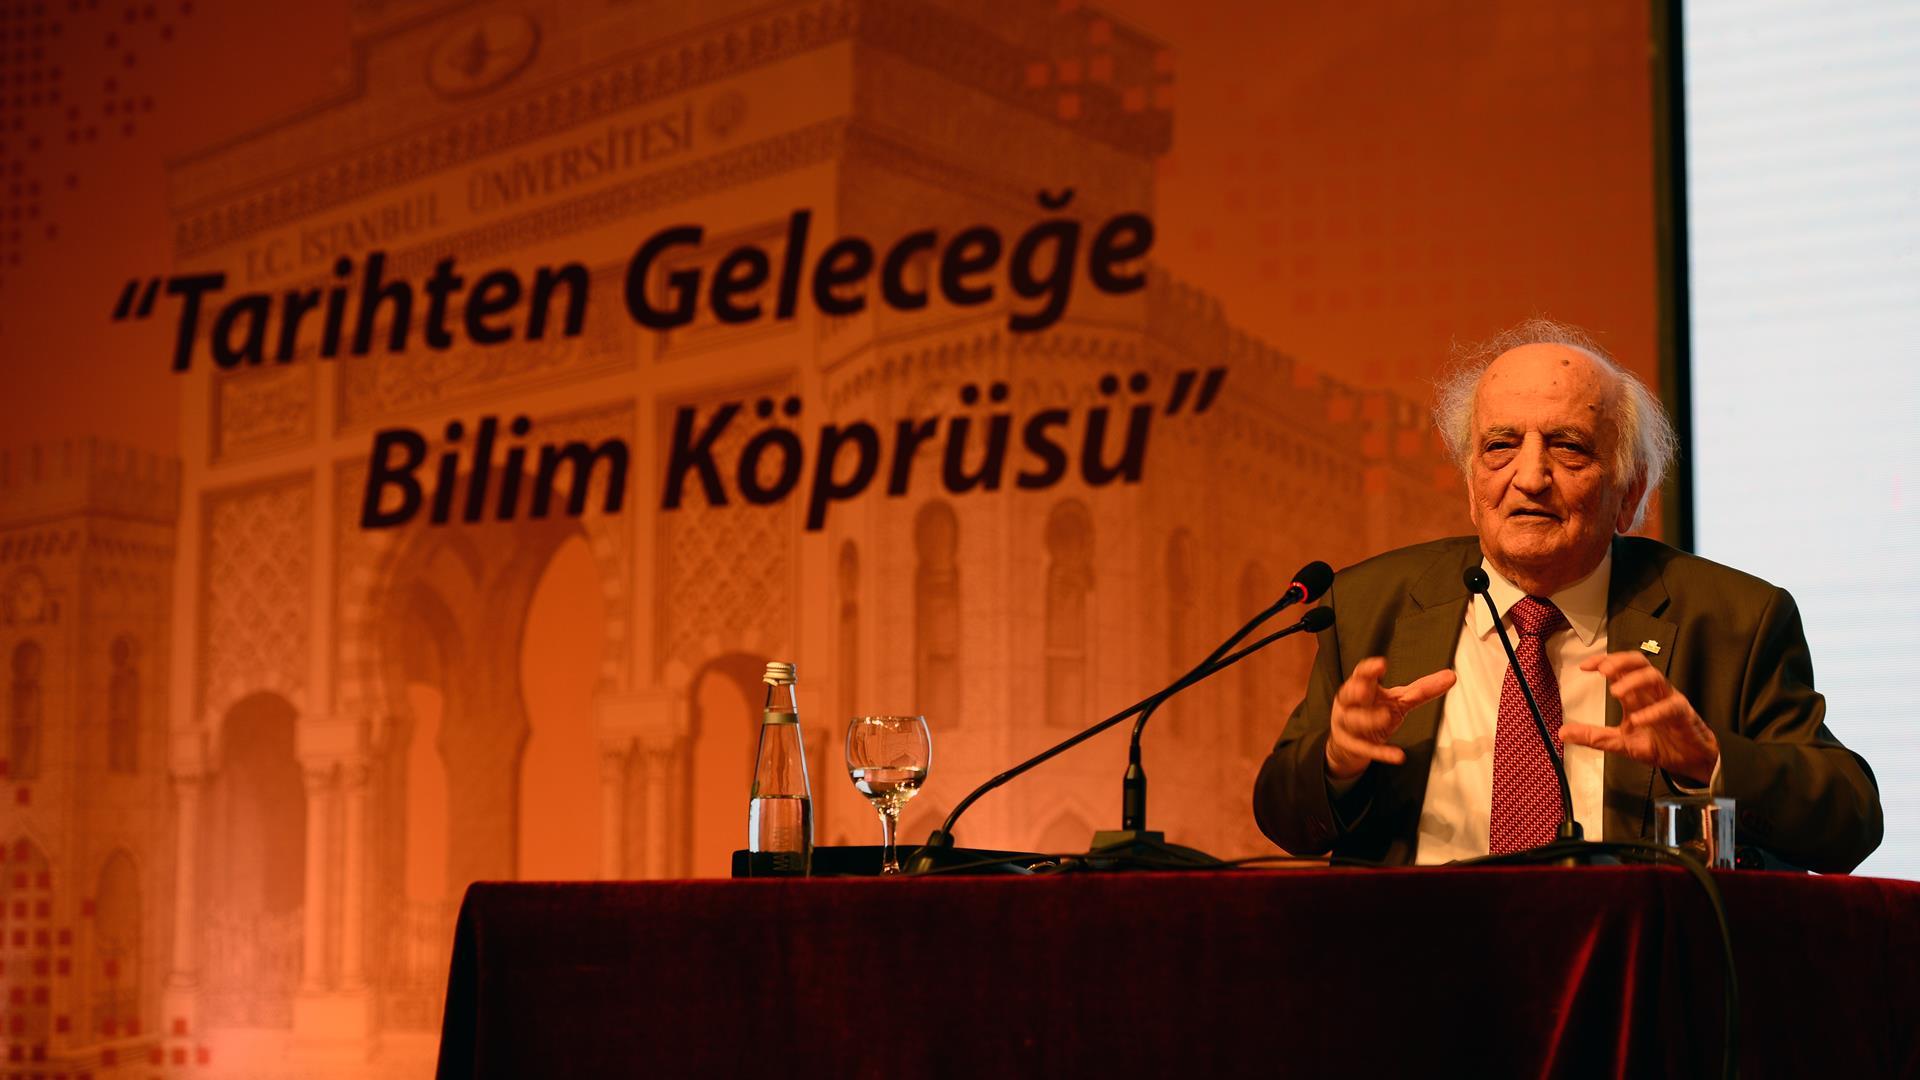 İÜ-Kongre-ve-Kültür-Merkezi'ne-Prof.-Dr.-Fuat-Sezgin'in-İsmi-Verildi